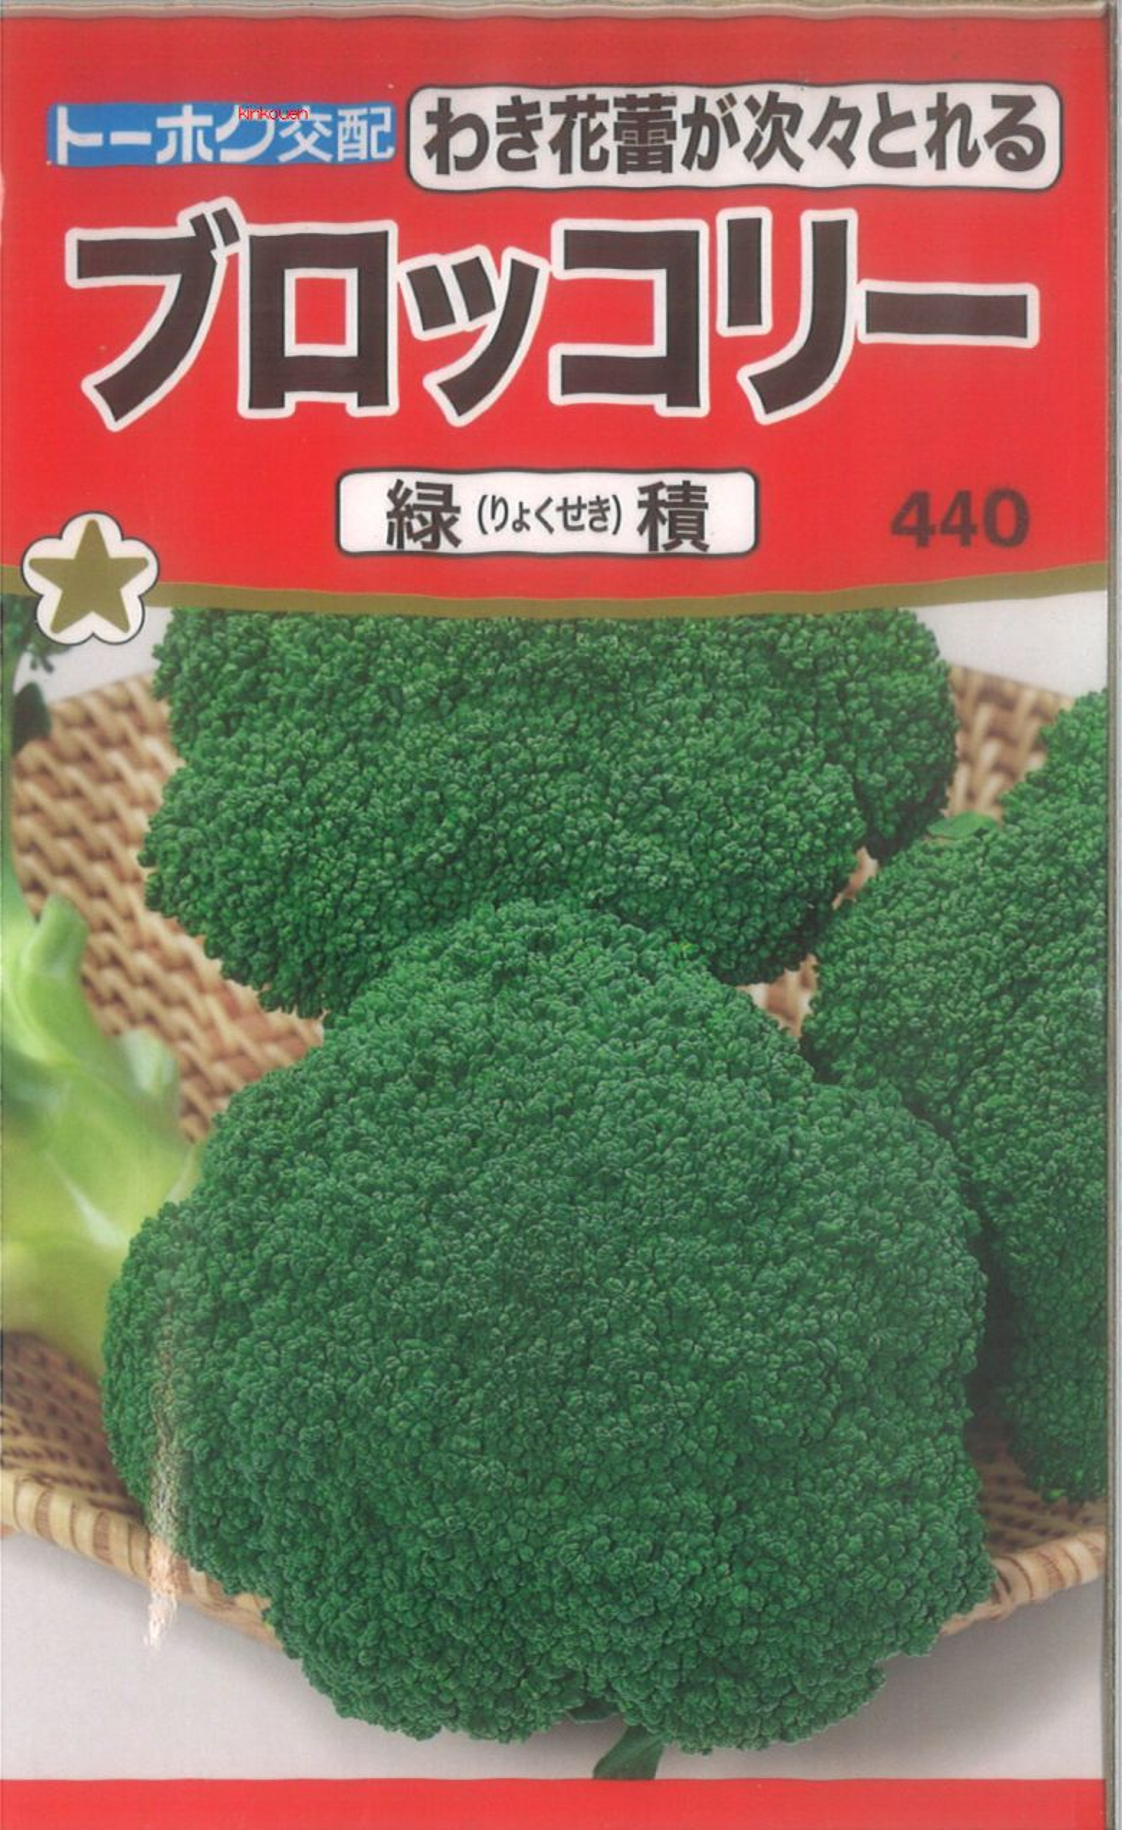 《代引不可》《5袋まで送料80円》 □ブロッコリー緑積